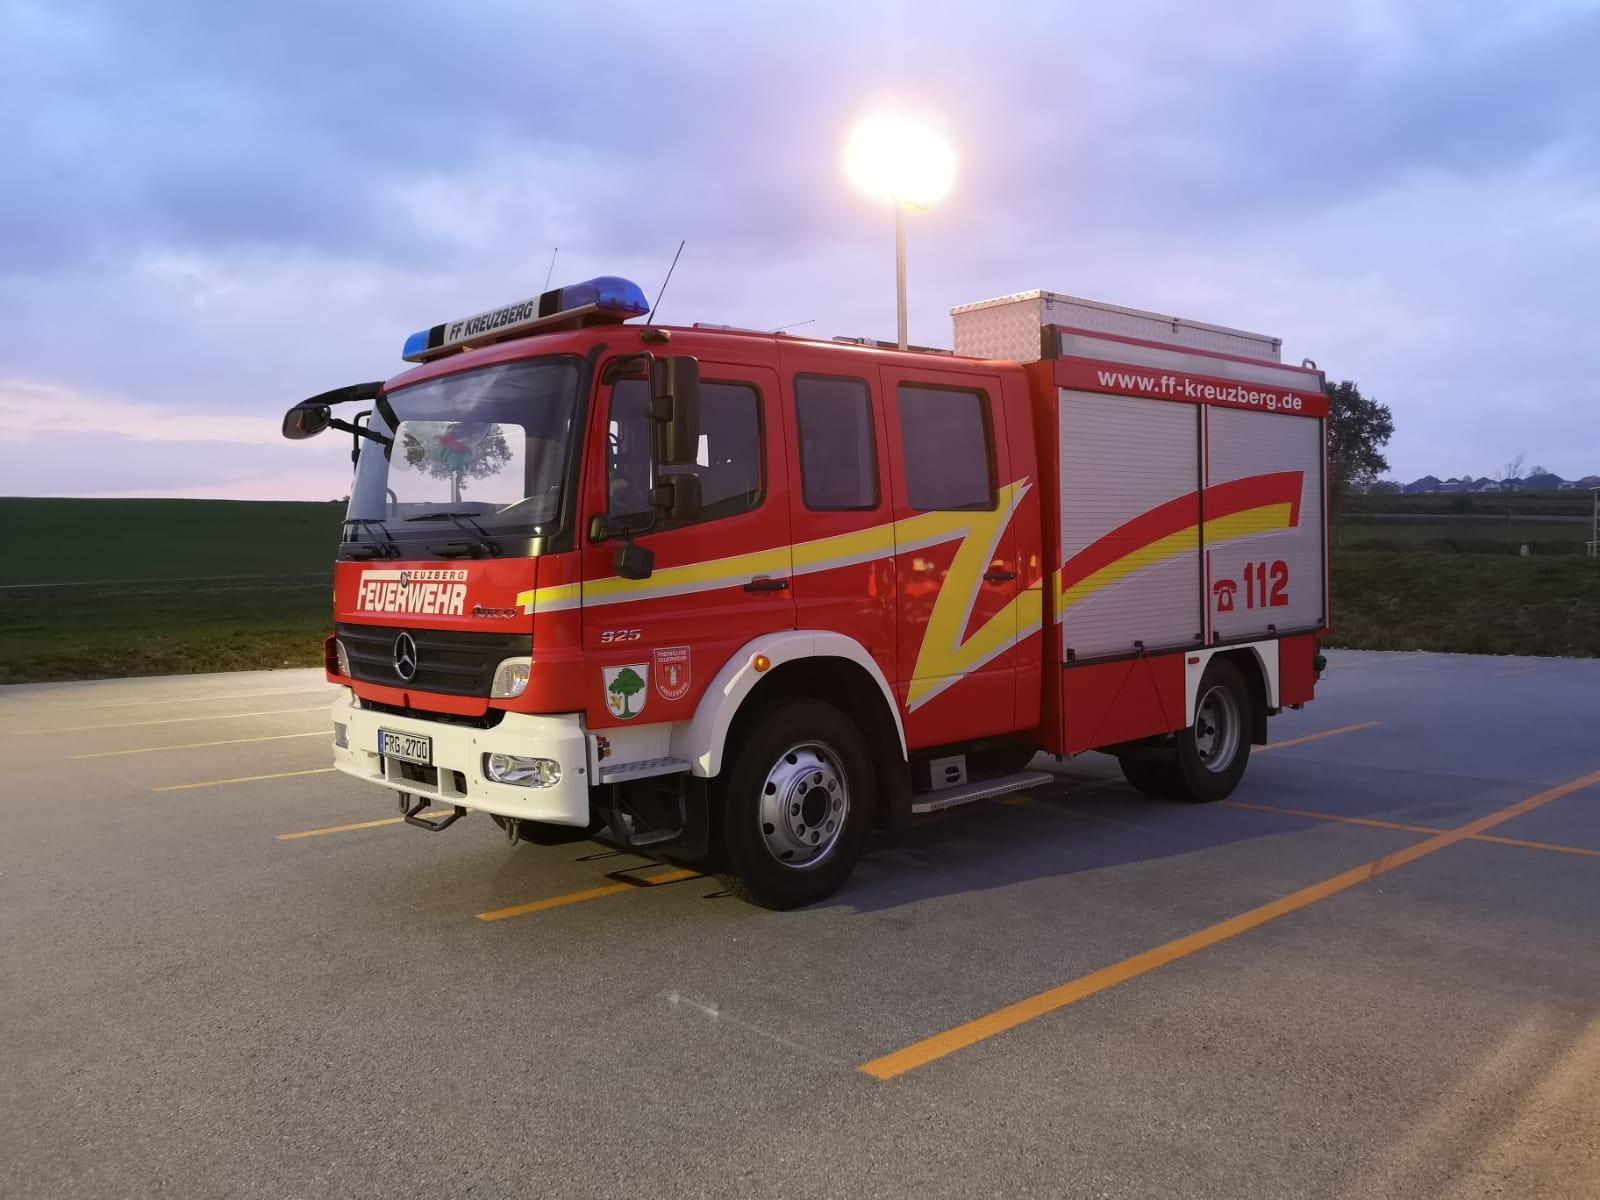 Grundlagen - Brandbekämpfung: Umgang mit Beleuchtungsgerätschaften